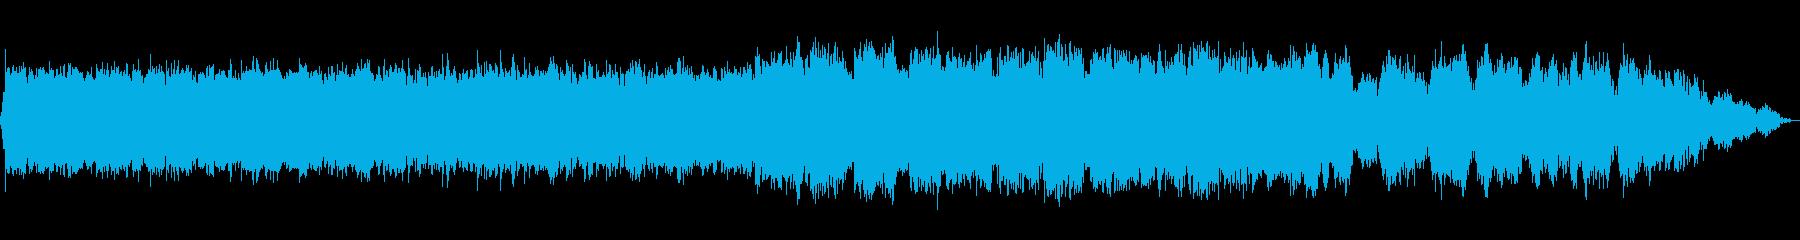 民俗的な哀愁のある笛のBGMの再生済みの波形